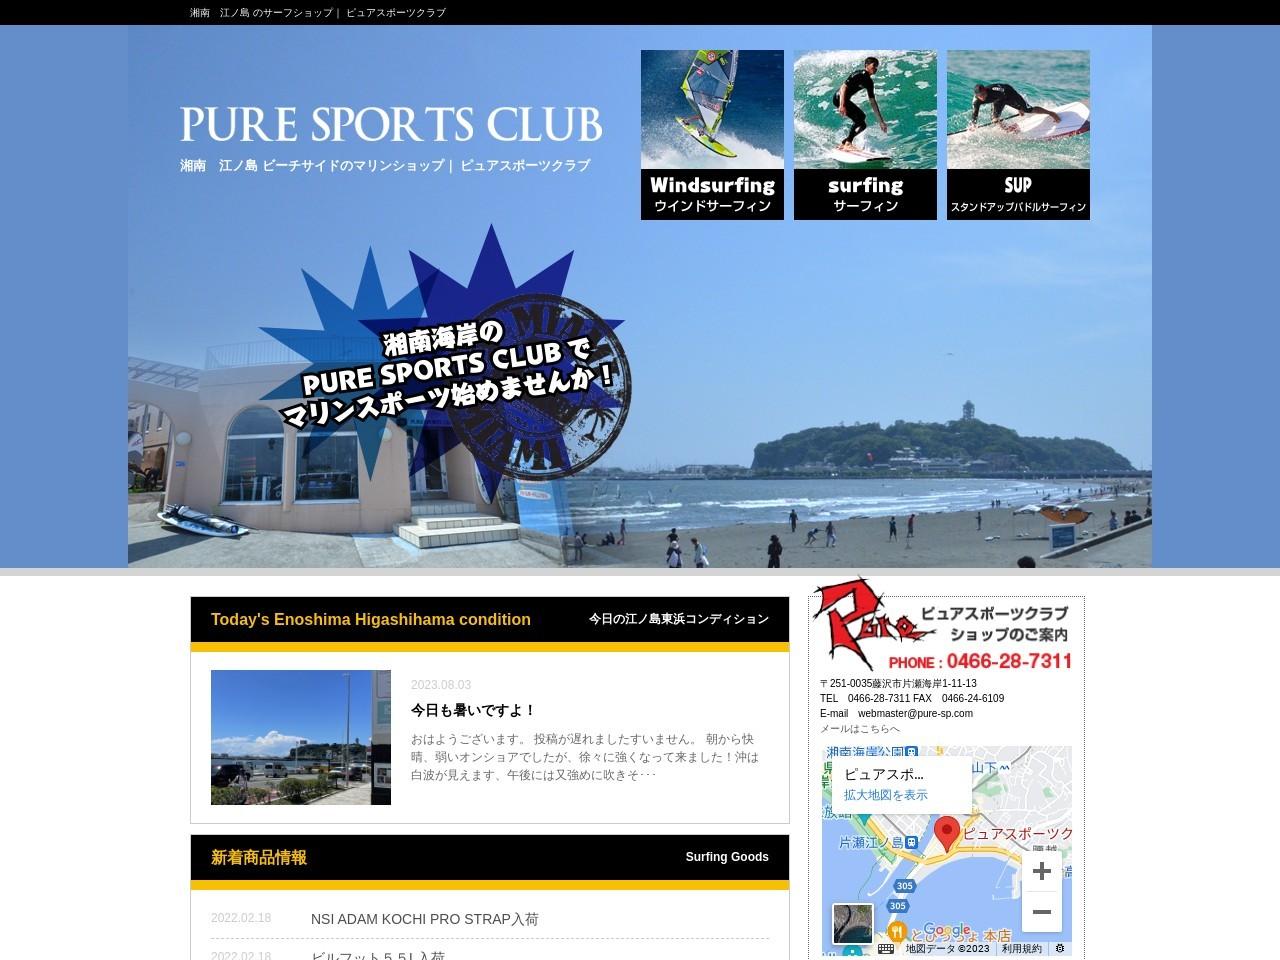 ピュアスポーツクラブ